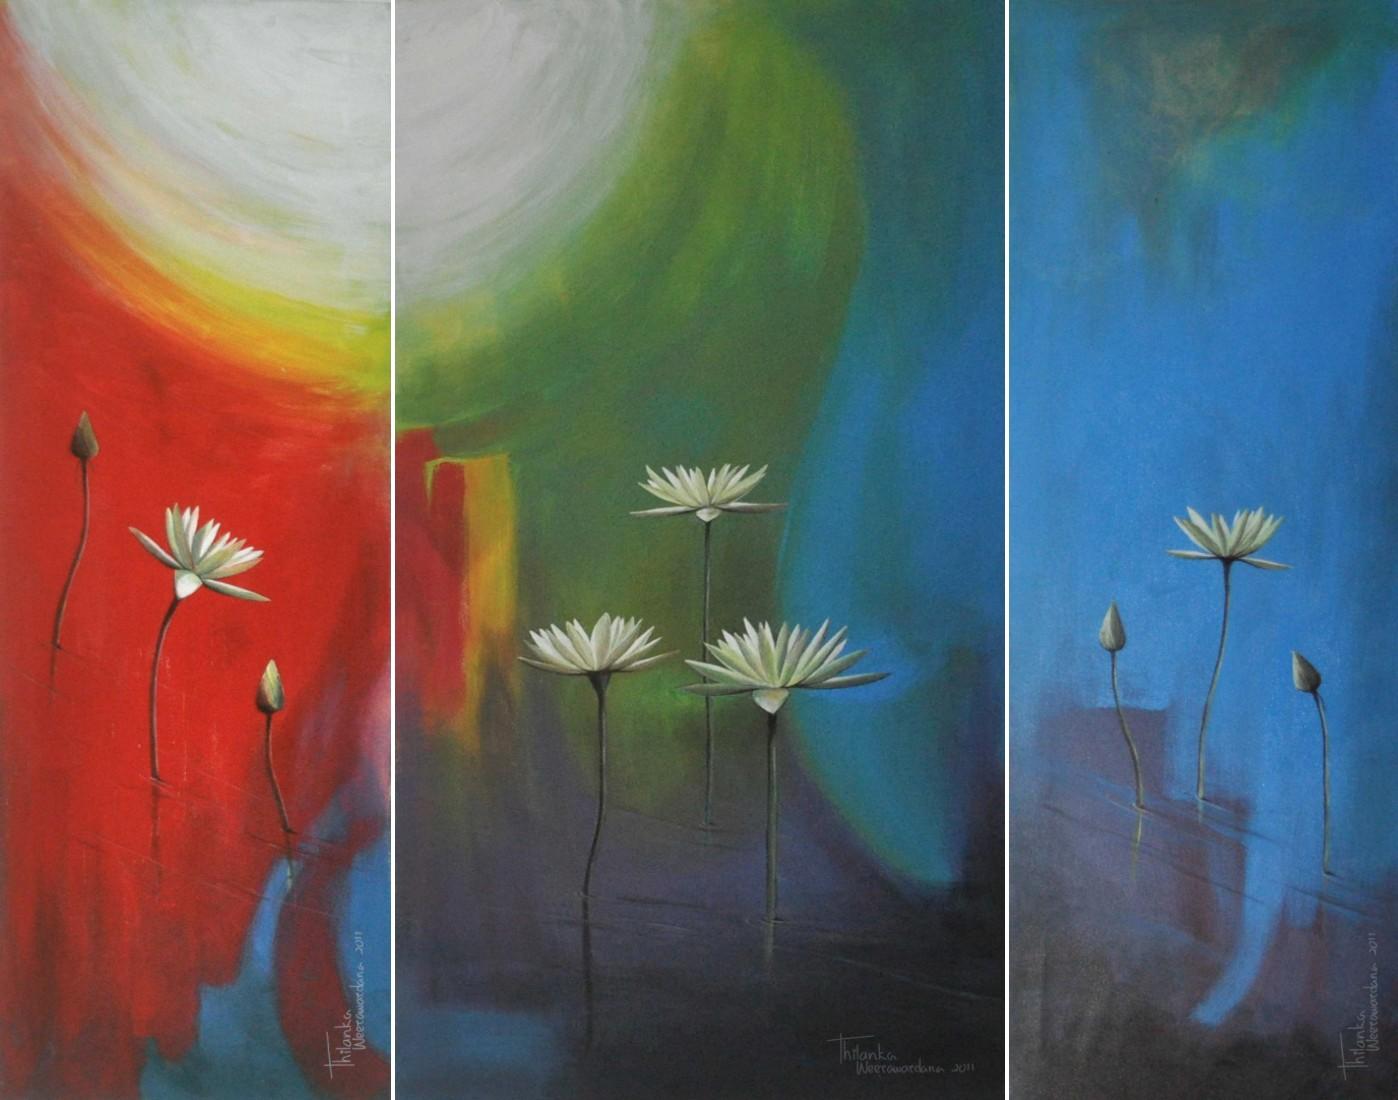 Water Lilly by Thilanka Weerawardana